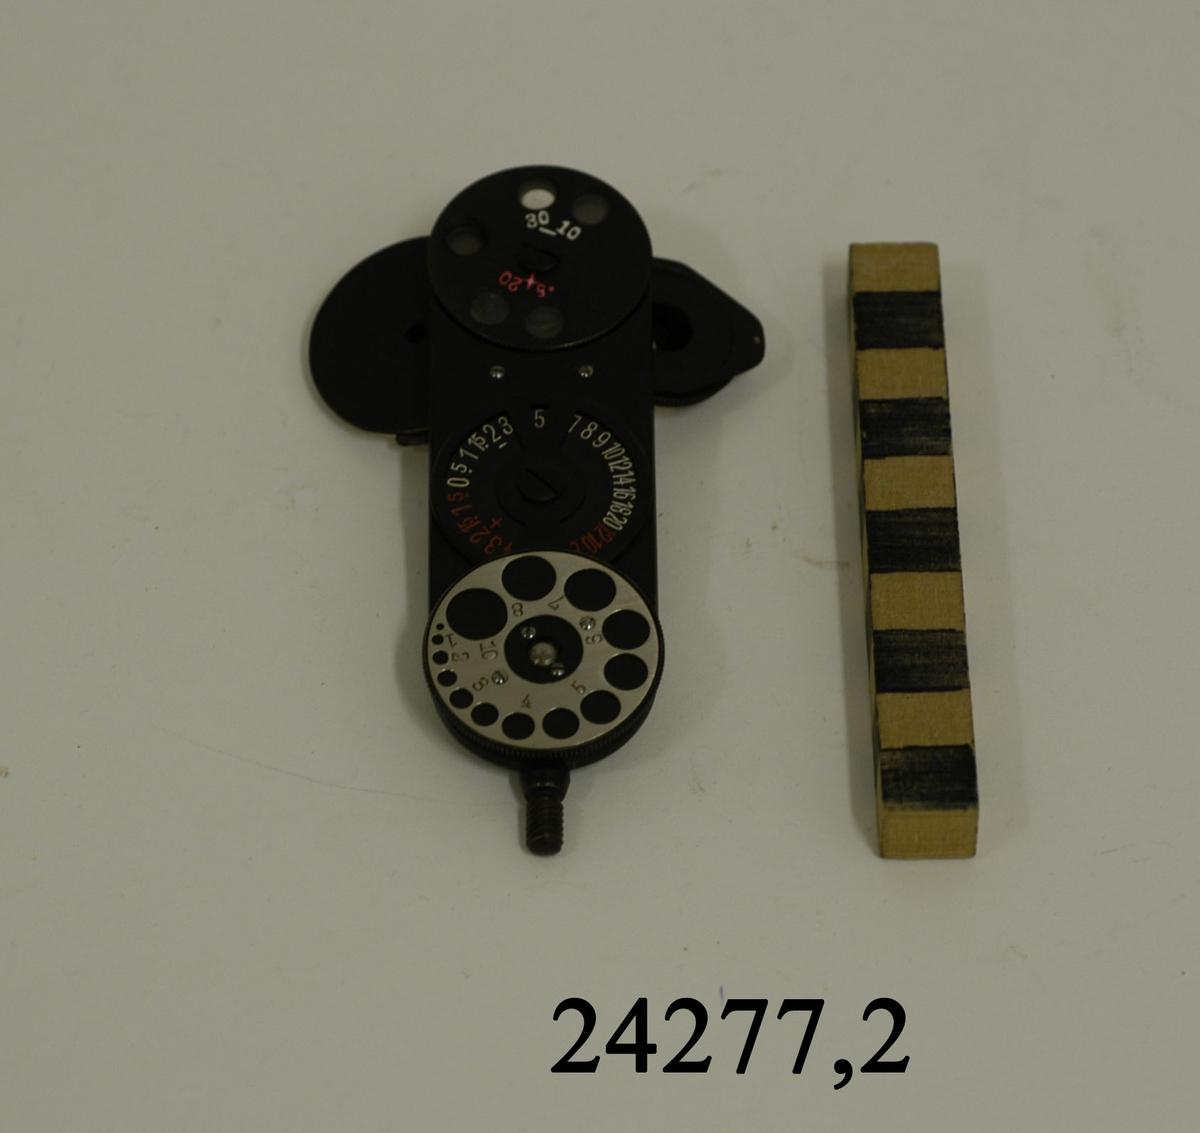 Ögonspegel. Platt, svart, rektangulärt metallplatta med rundade kanter. I ena änden en gängad stav för fästande av handtag. På plattans ena sida två stycken runda, rörliga speglar. Den ena större än den andra. På plattans andra sida tre stycken rörliga, graderade skivor. Den övre består av linser i olika styrka.